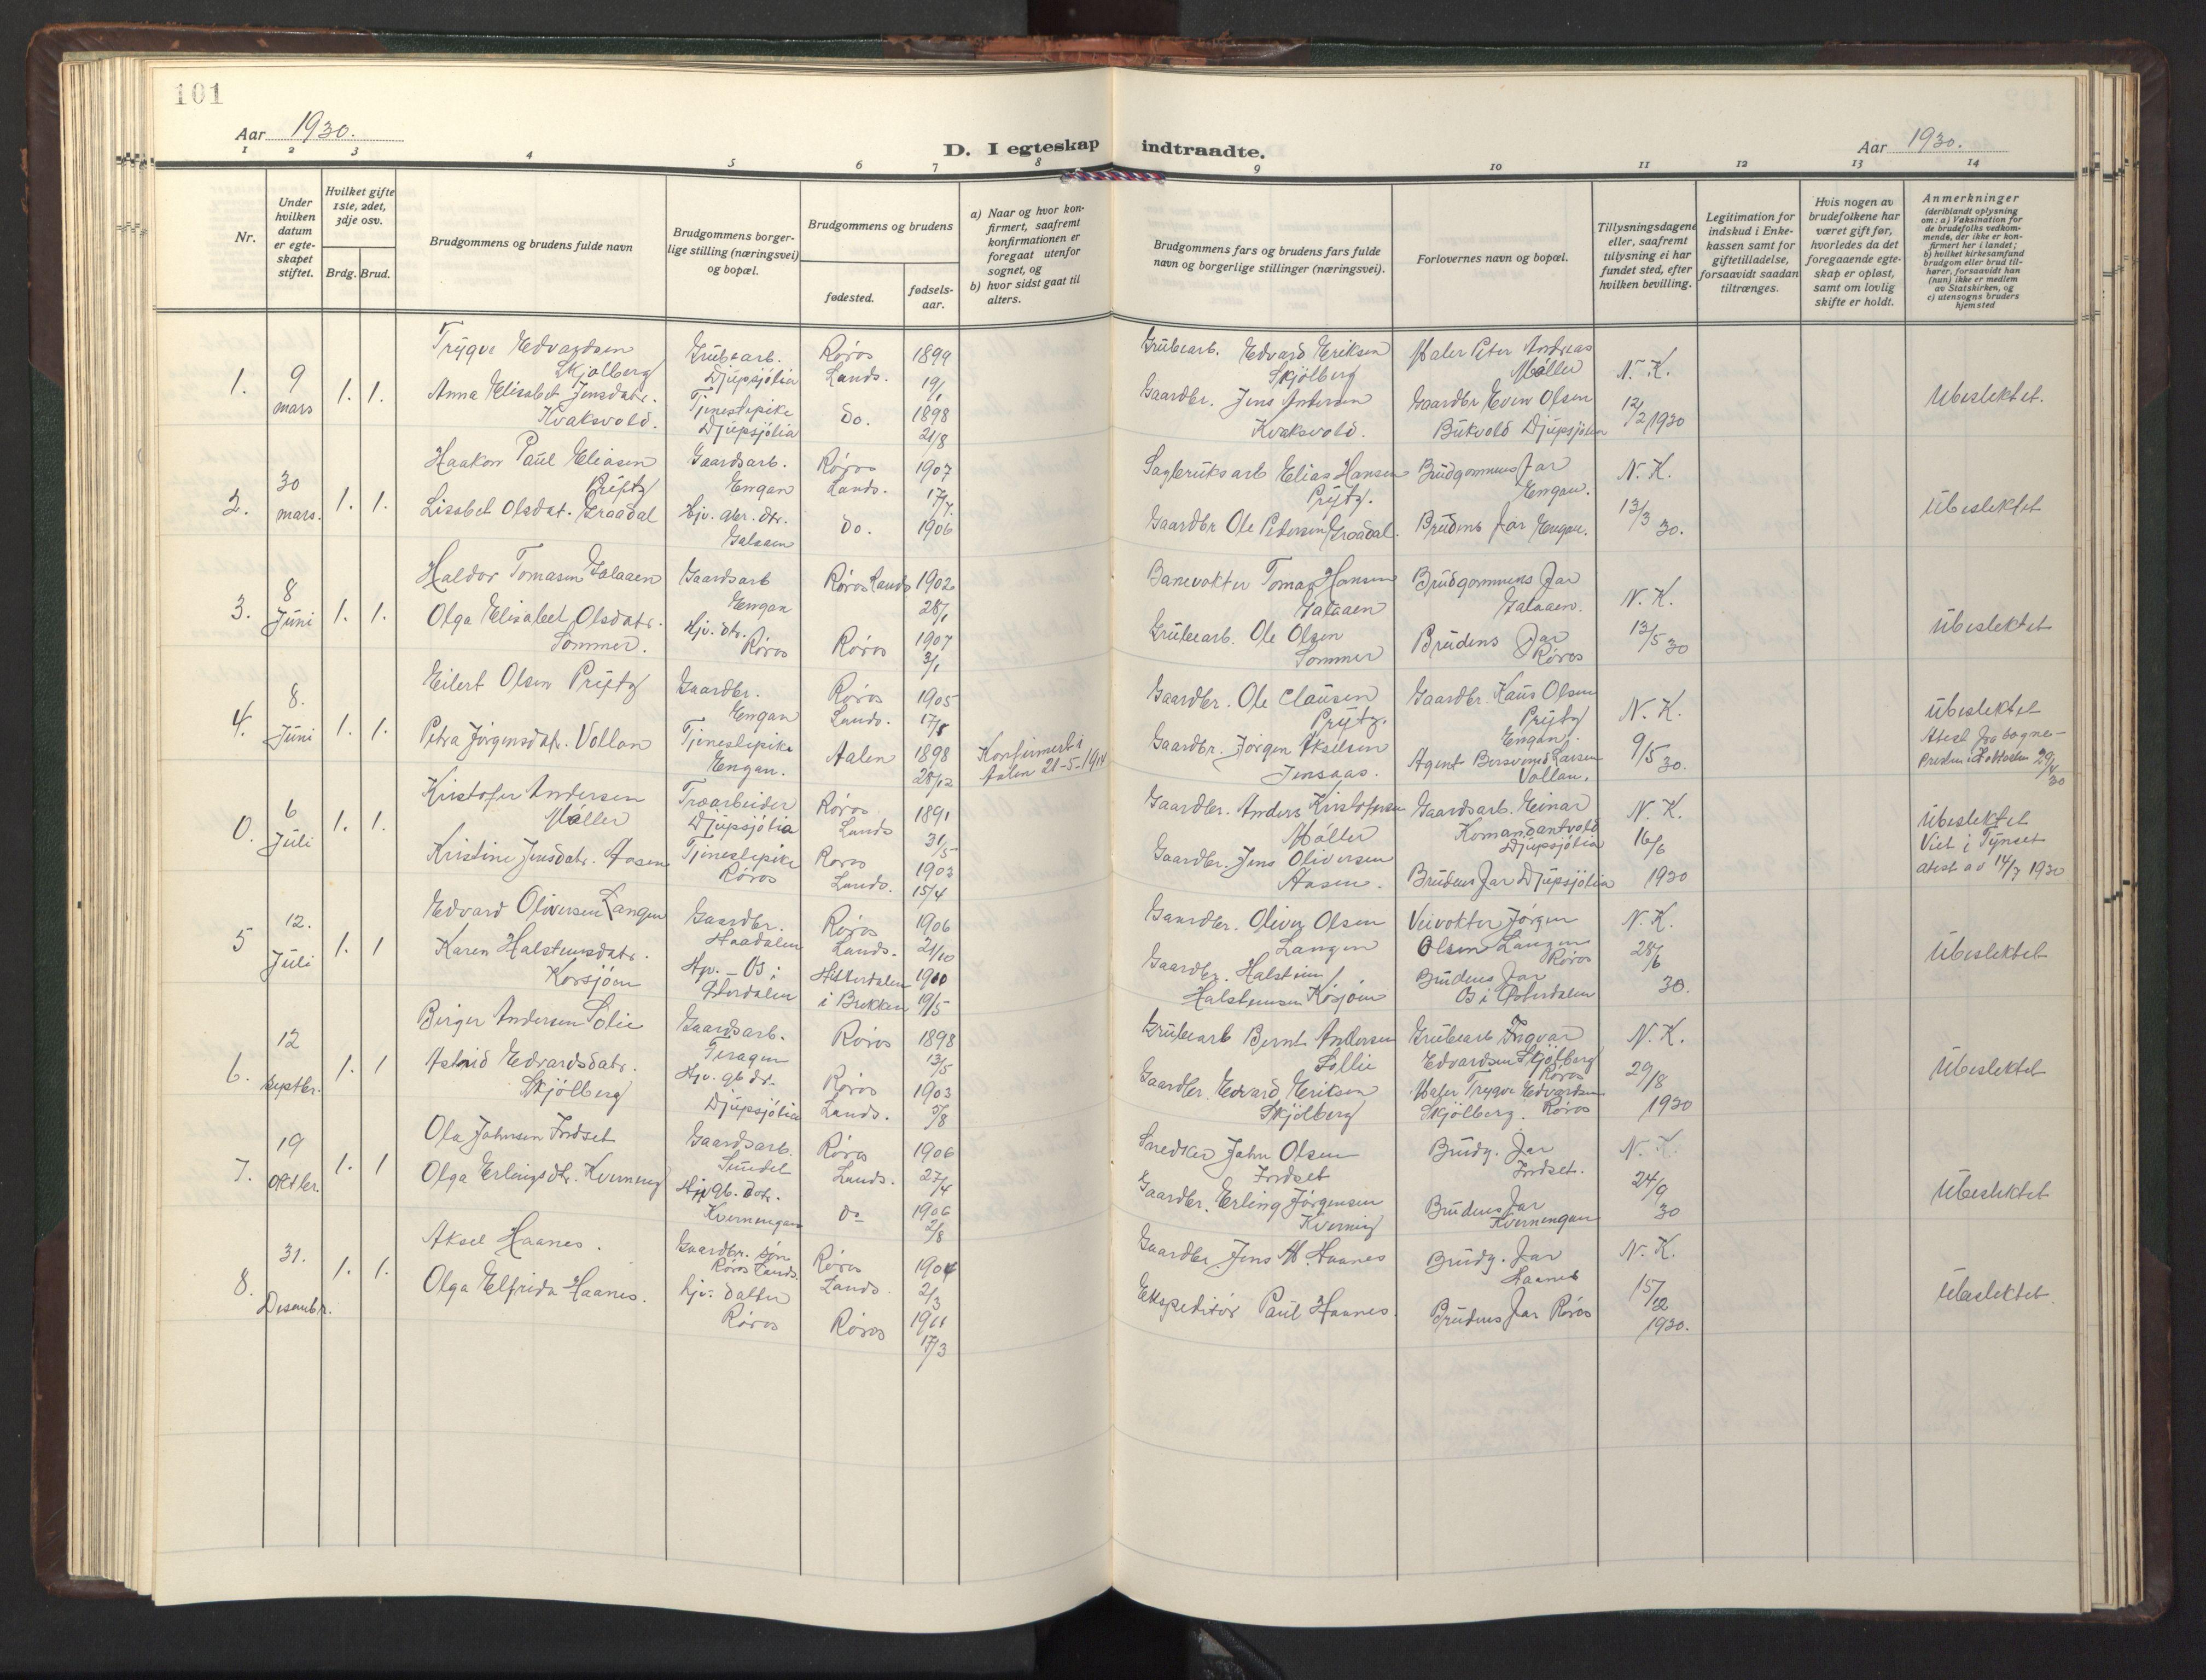 SAT, Ministerialprotokoller, klokkerbøker og fødselsregistre - Sør-Trøndelag, 681/L0944: Klokkerbok nr. 681C08, 1926-1954, s. 101